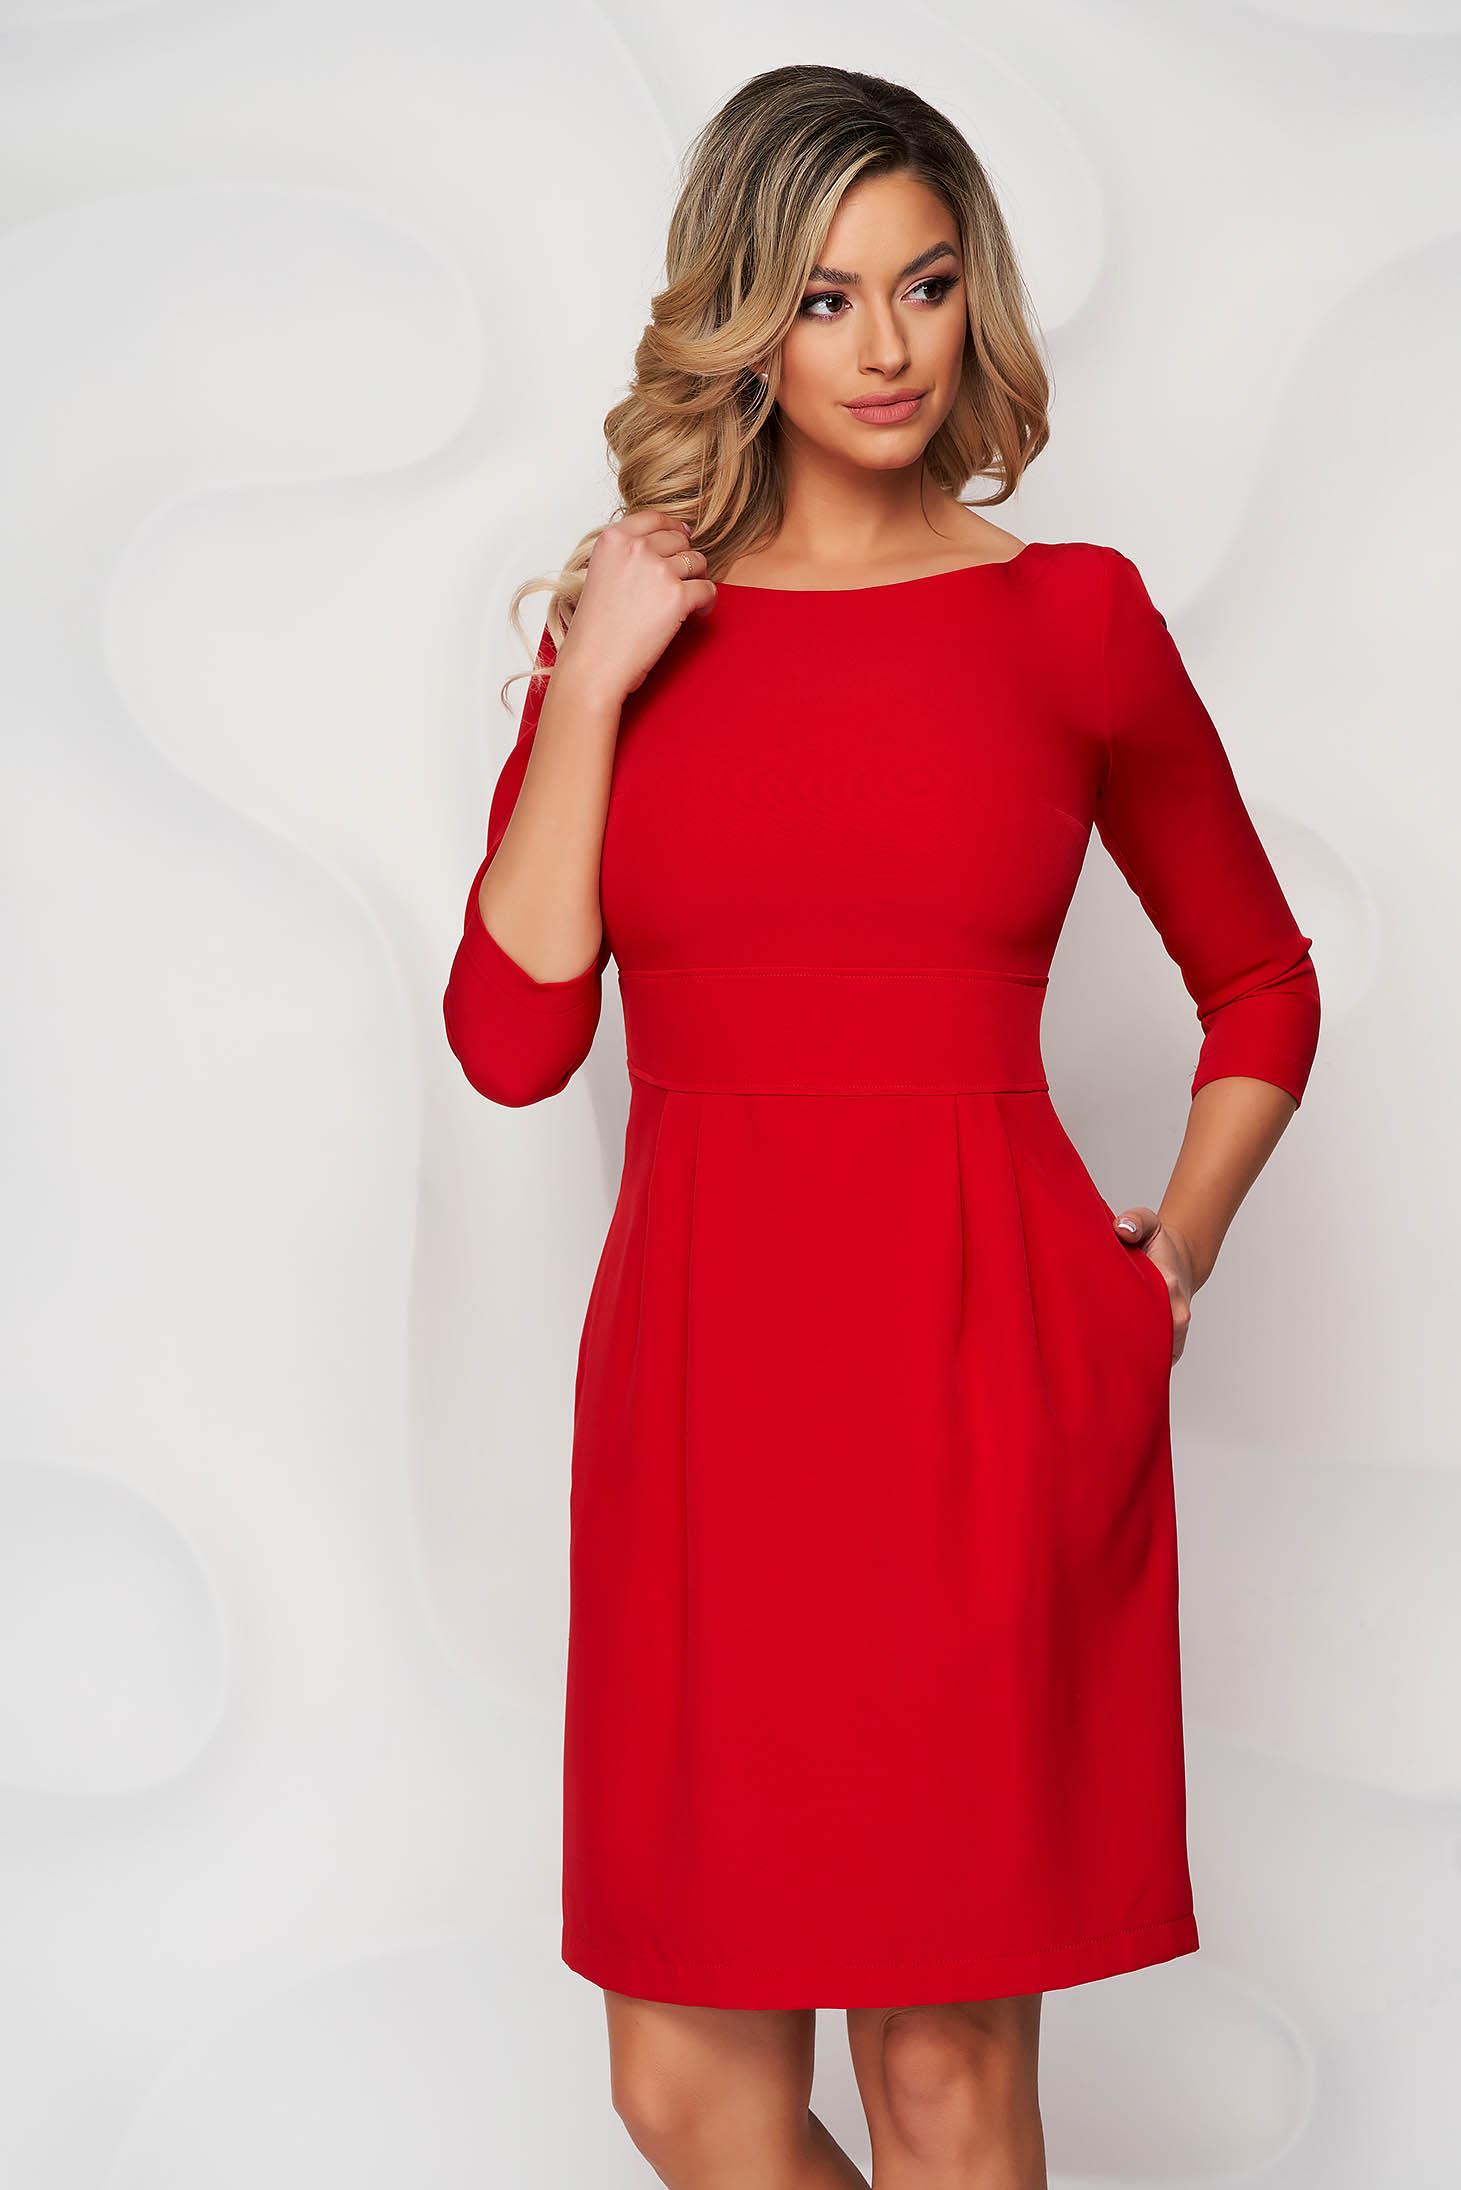 Rochie StarShinerS rosie scurta din stofa usor elastica cu croi in a si buzunare